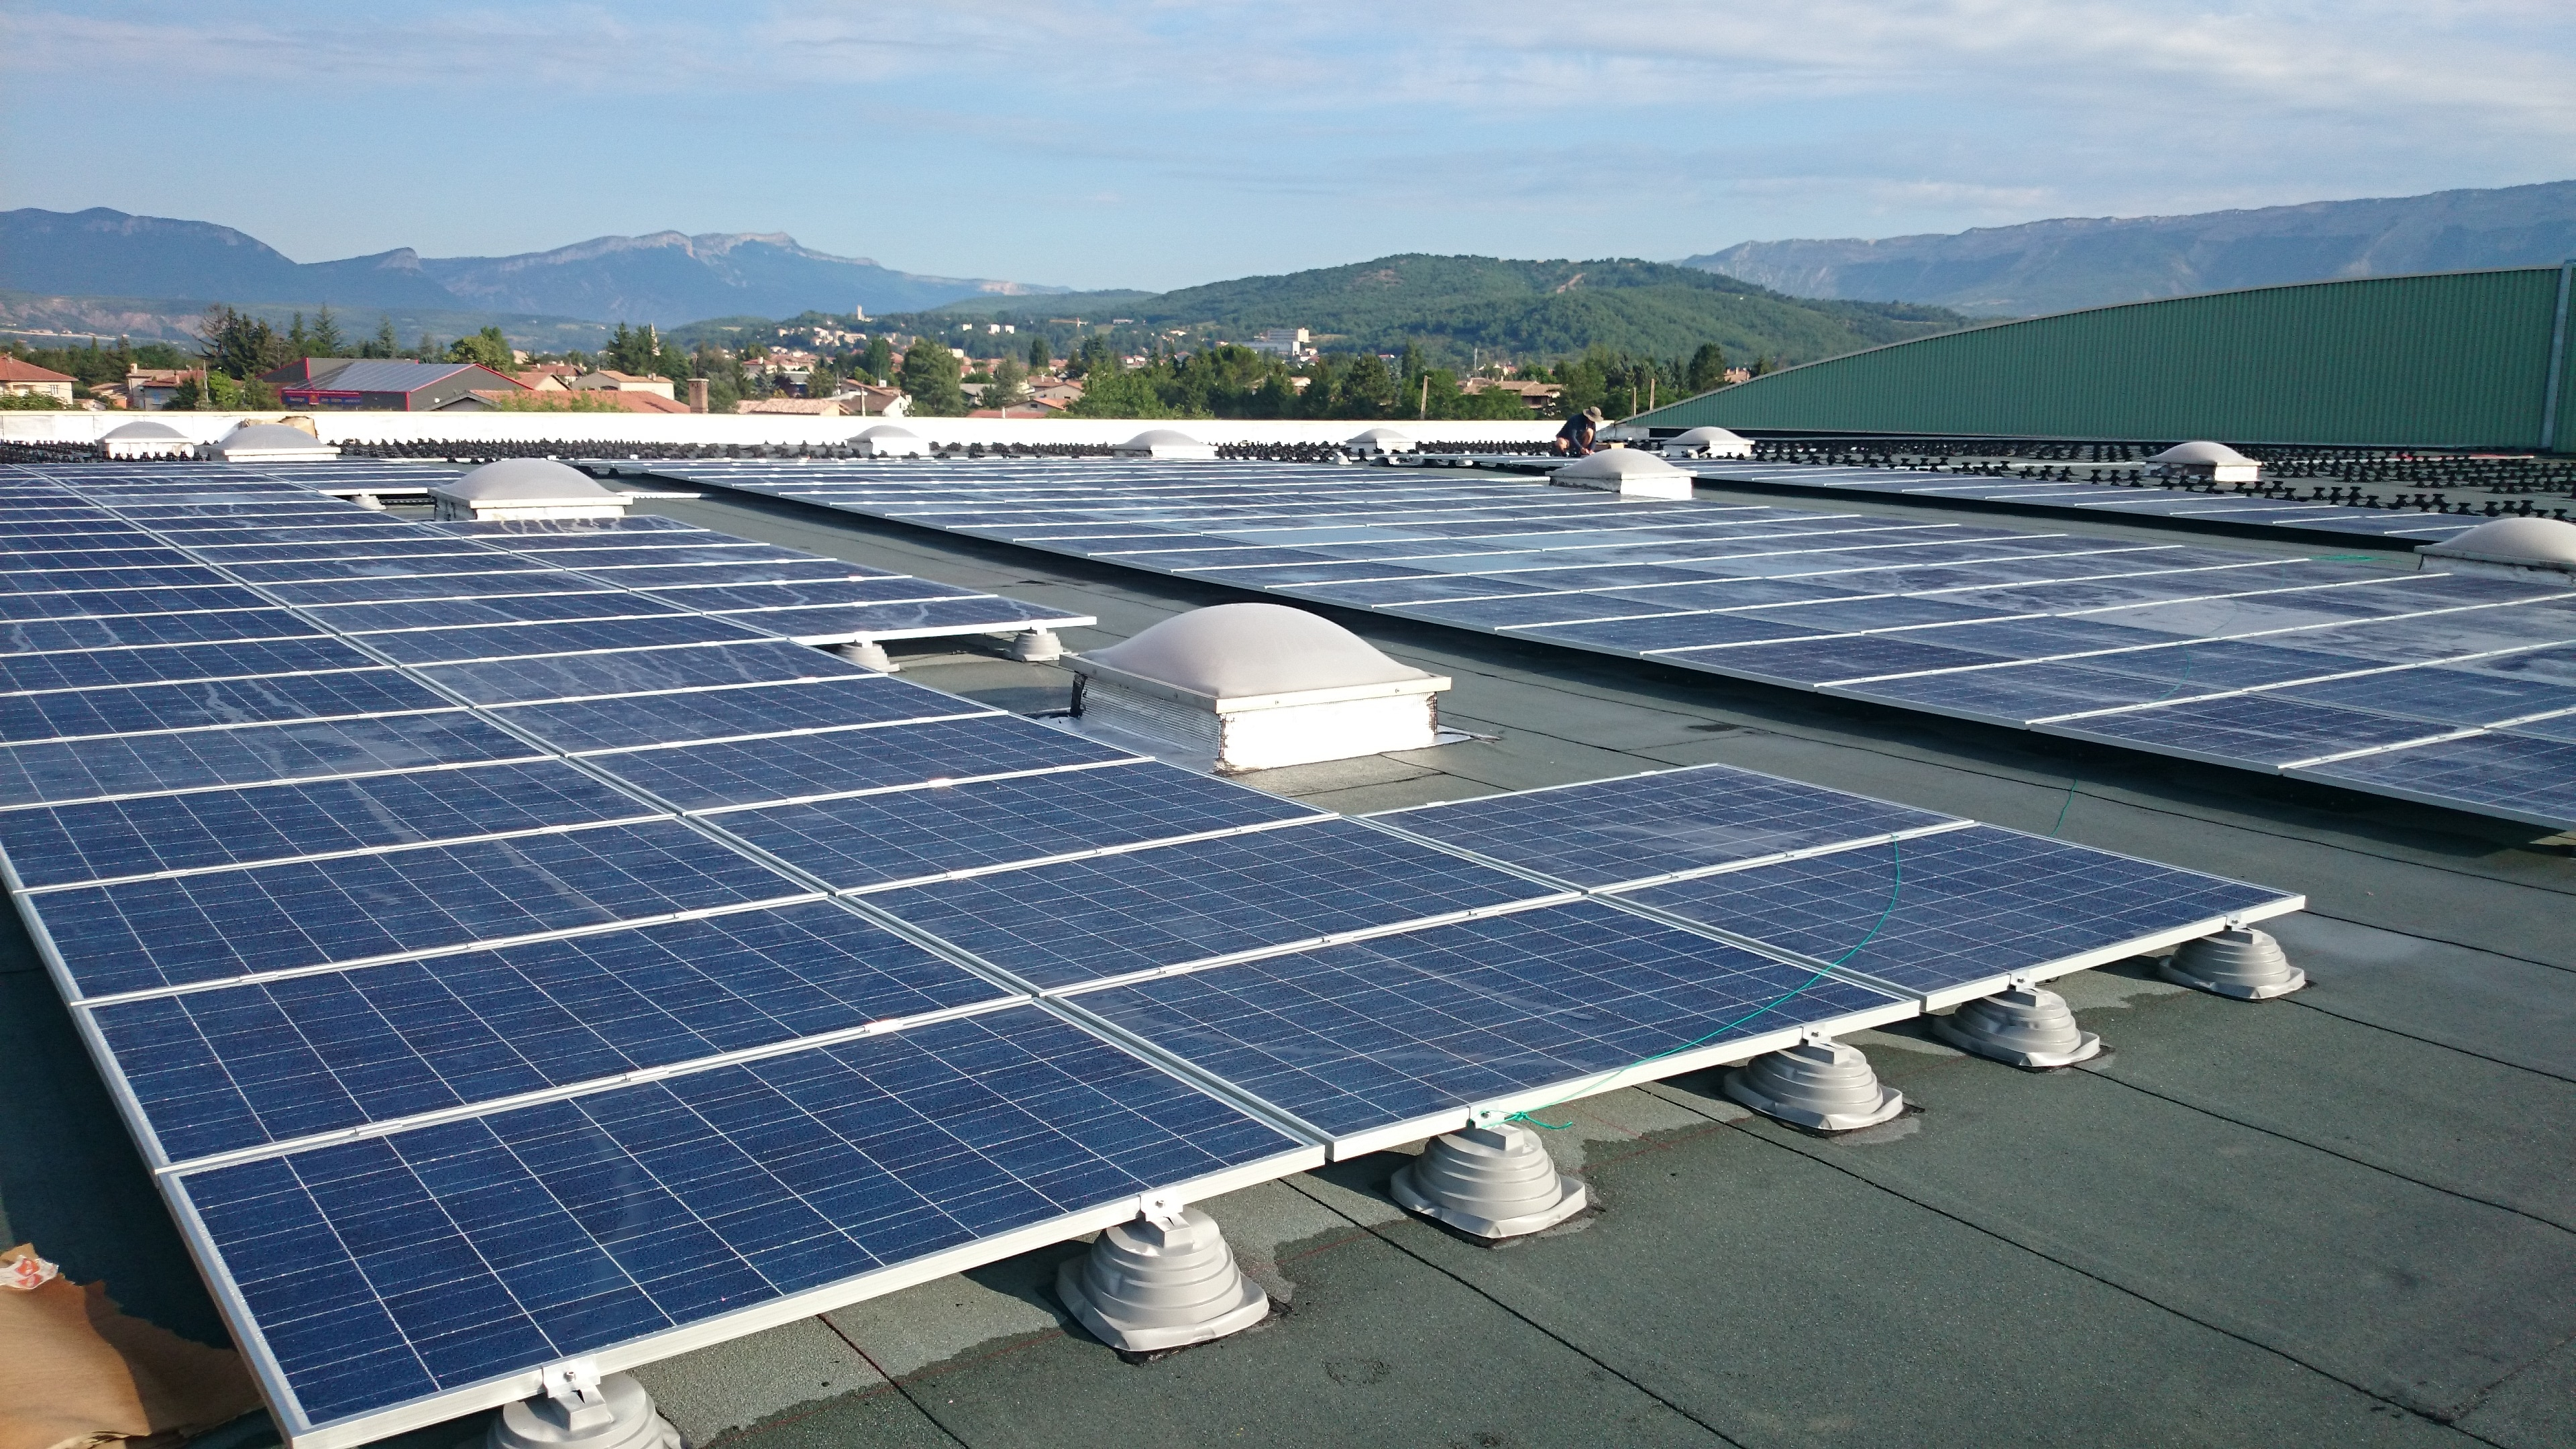 1 200 panneaux de 250 W sont installés sur les toits des bâtiments de Alpes Coop Fruits dans les Hautes-Alpes. © JP TOMAS